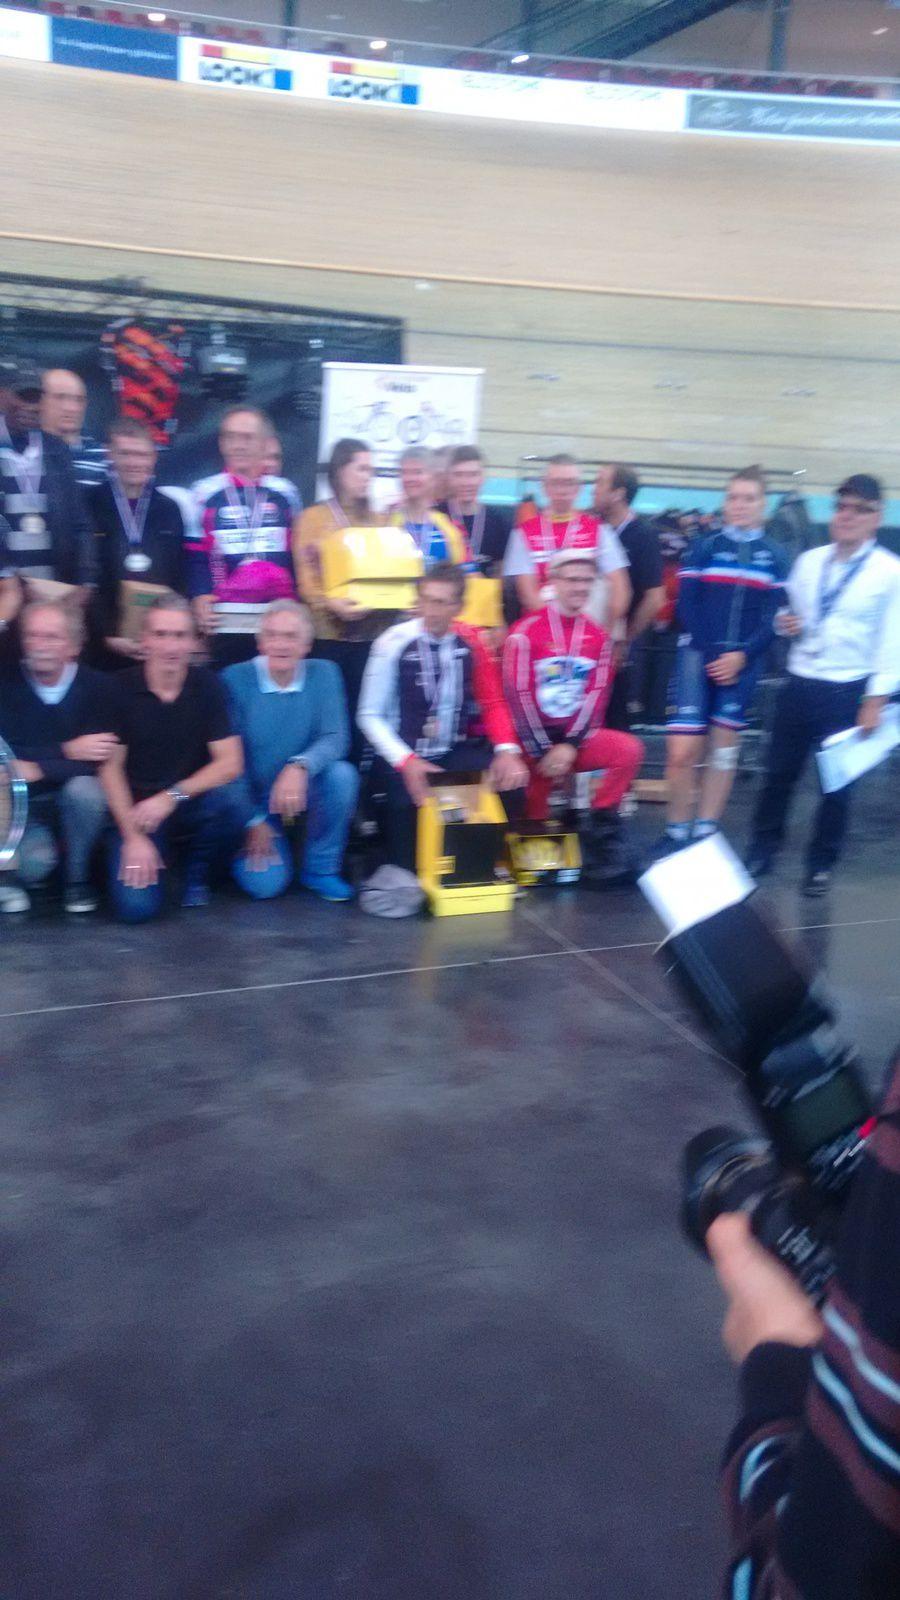 Les récompensés du challenge avec Jean-Pierre Fauveau, Guy Dauphin l'organisateur et les différents partenaires. Désolé pour la qualité de la photo